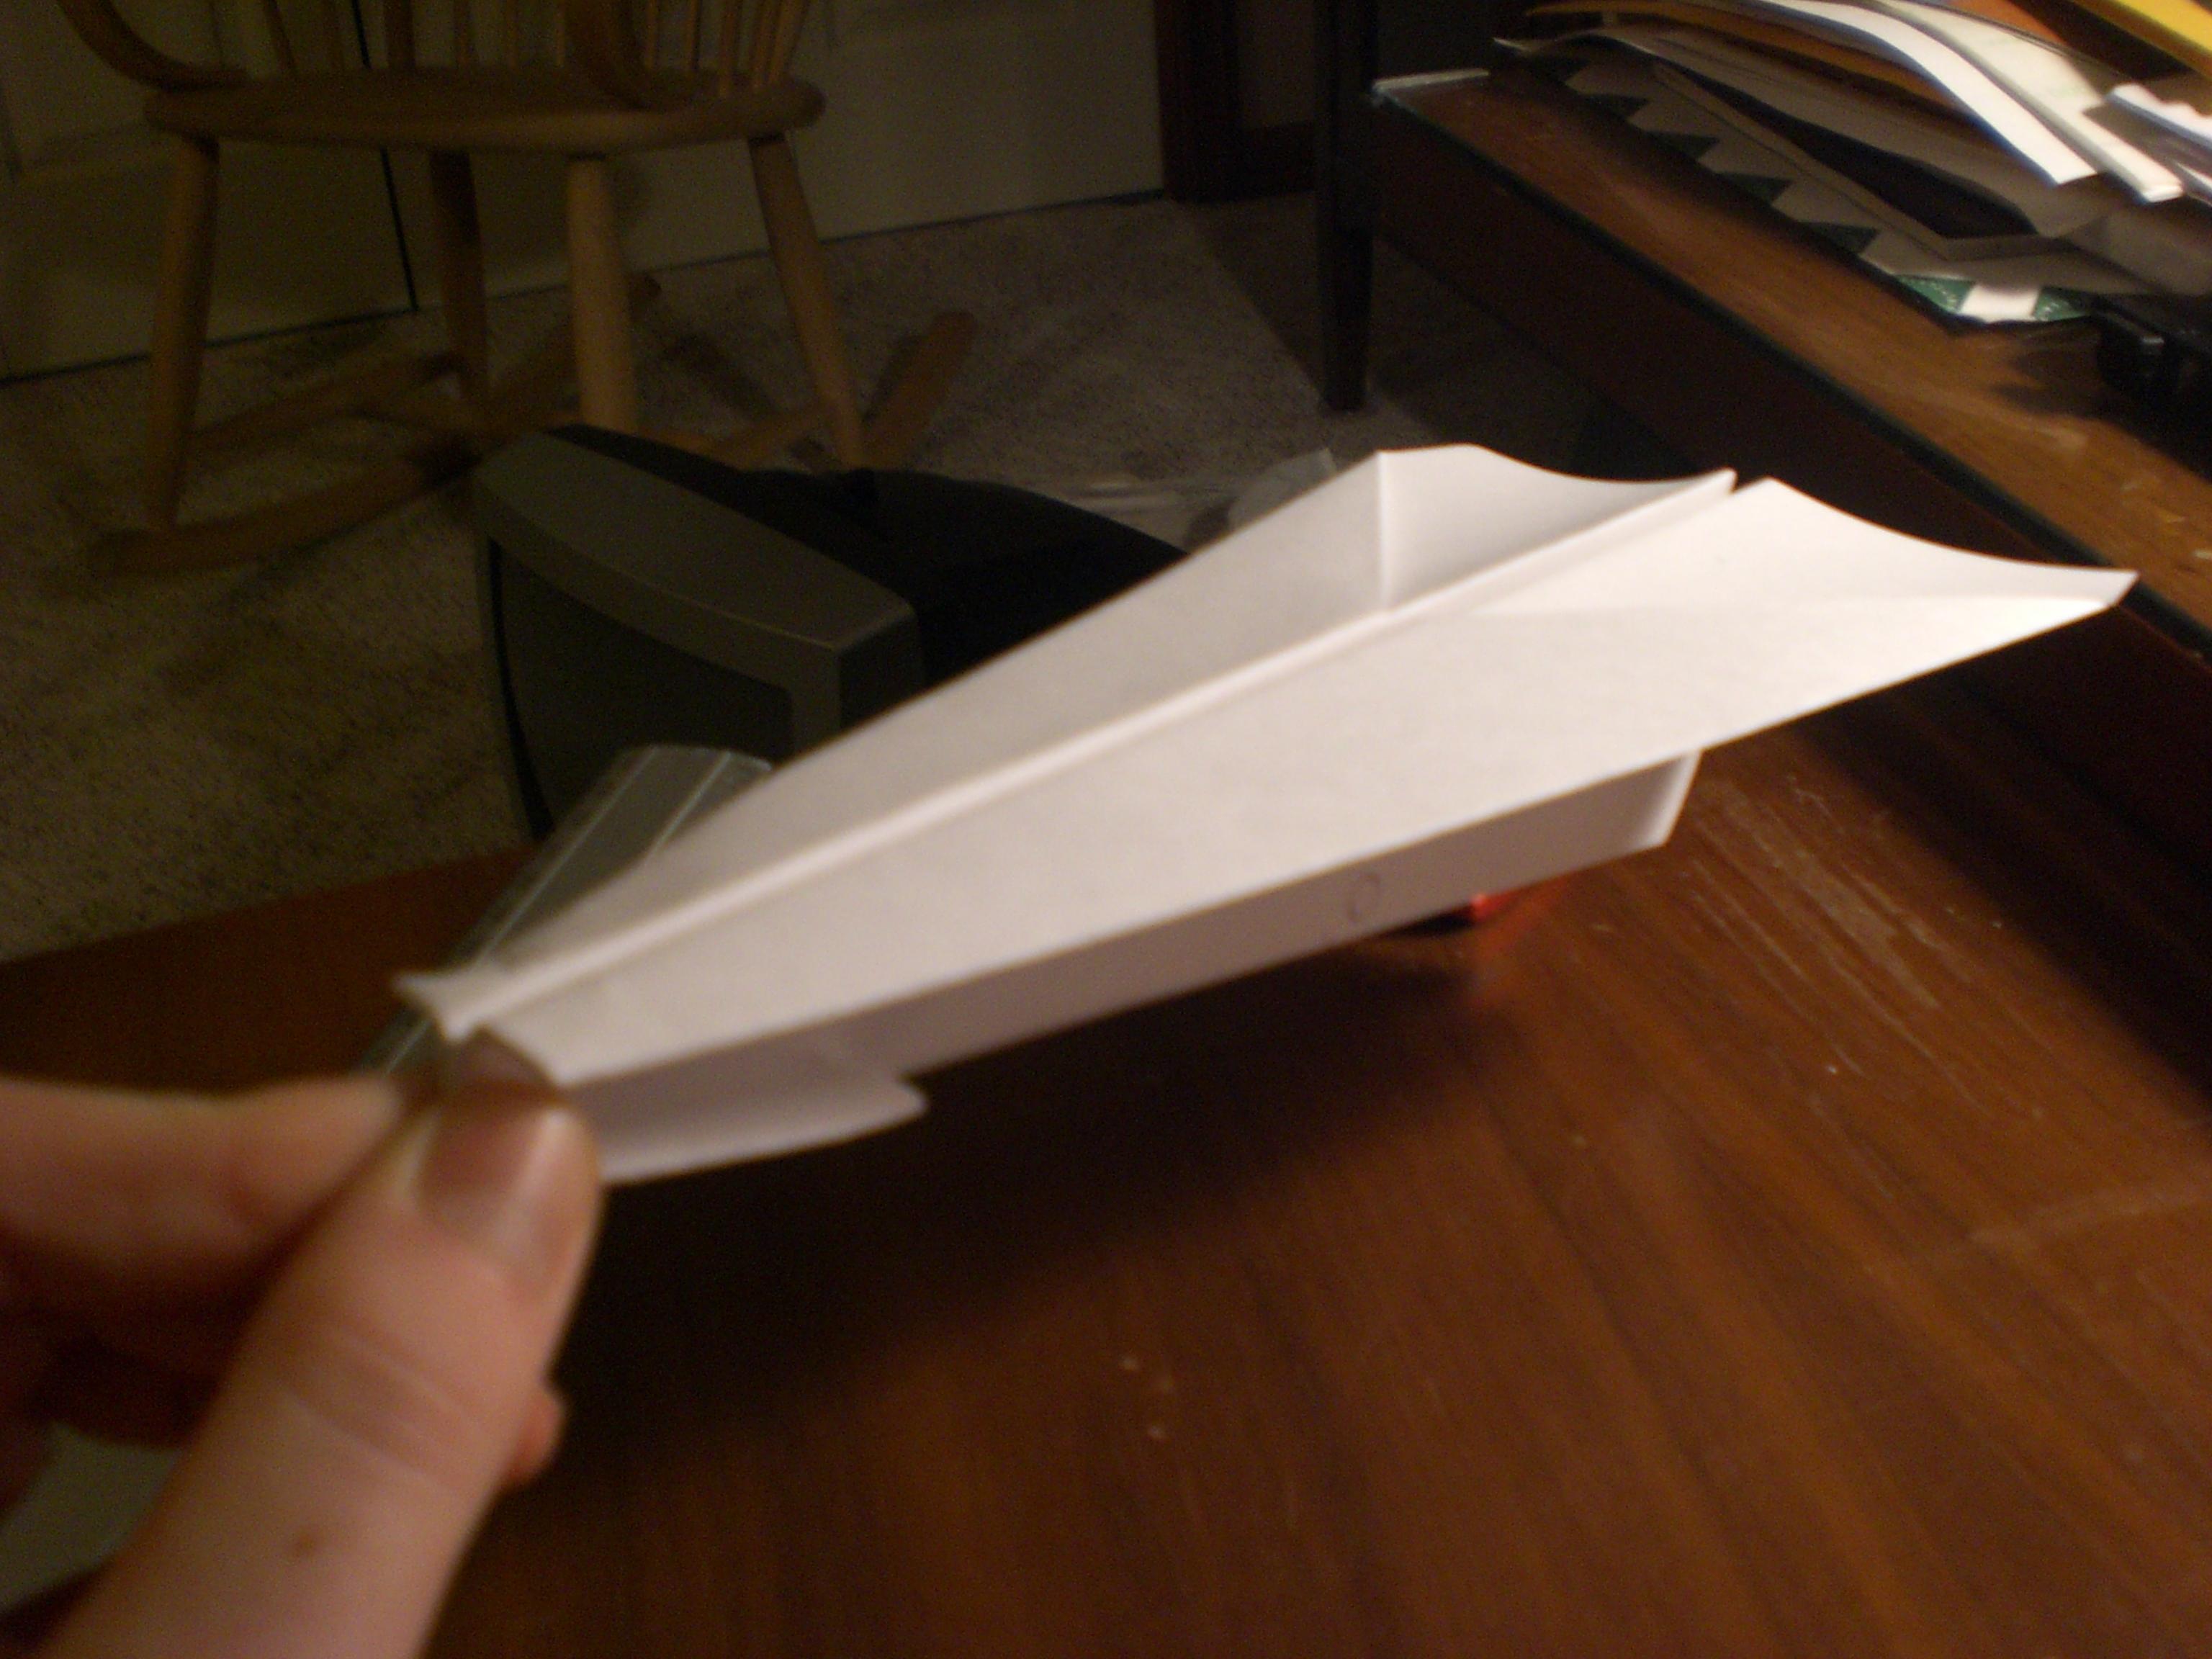 The RBP SuperSleek paper airplane